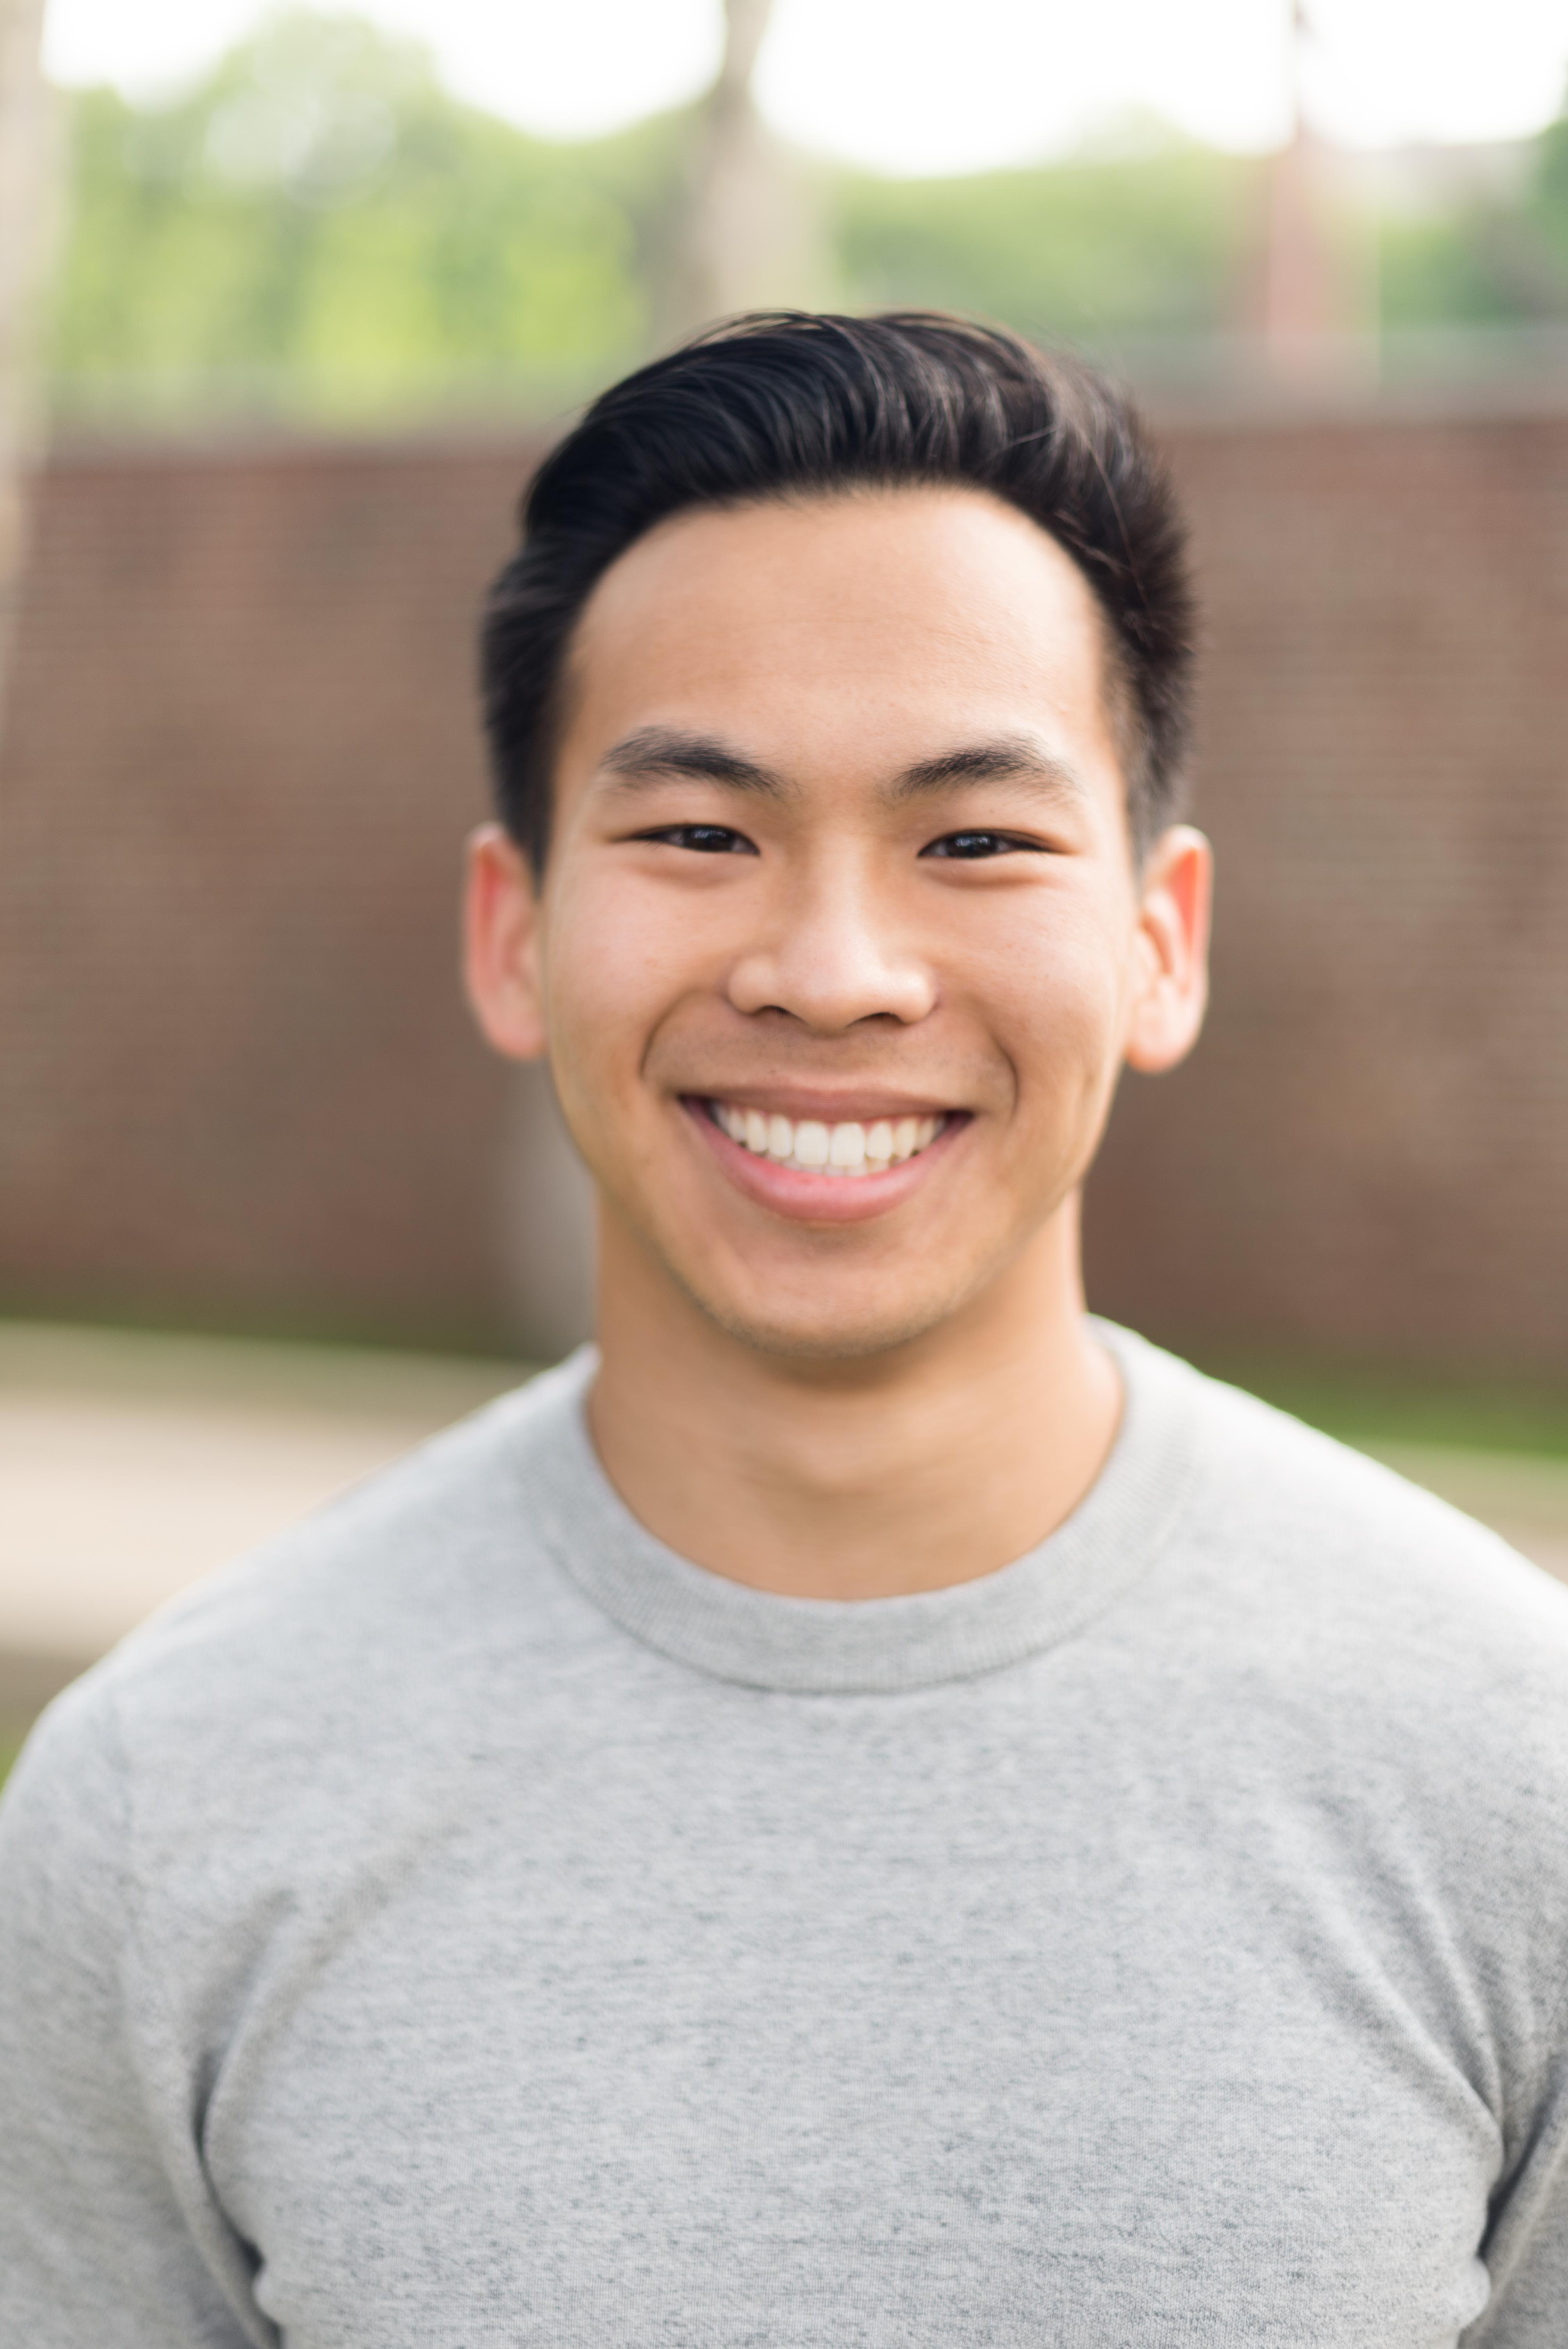 麻省理工華裔學生劉域翔和同學合著新書「Points of You」,敘述名校生克服挑戰的心路歷程。(記者丁曙/攝影)